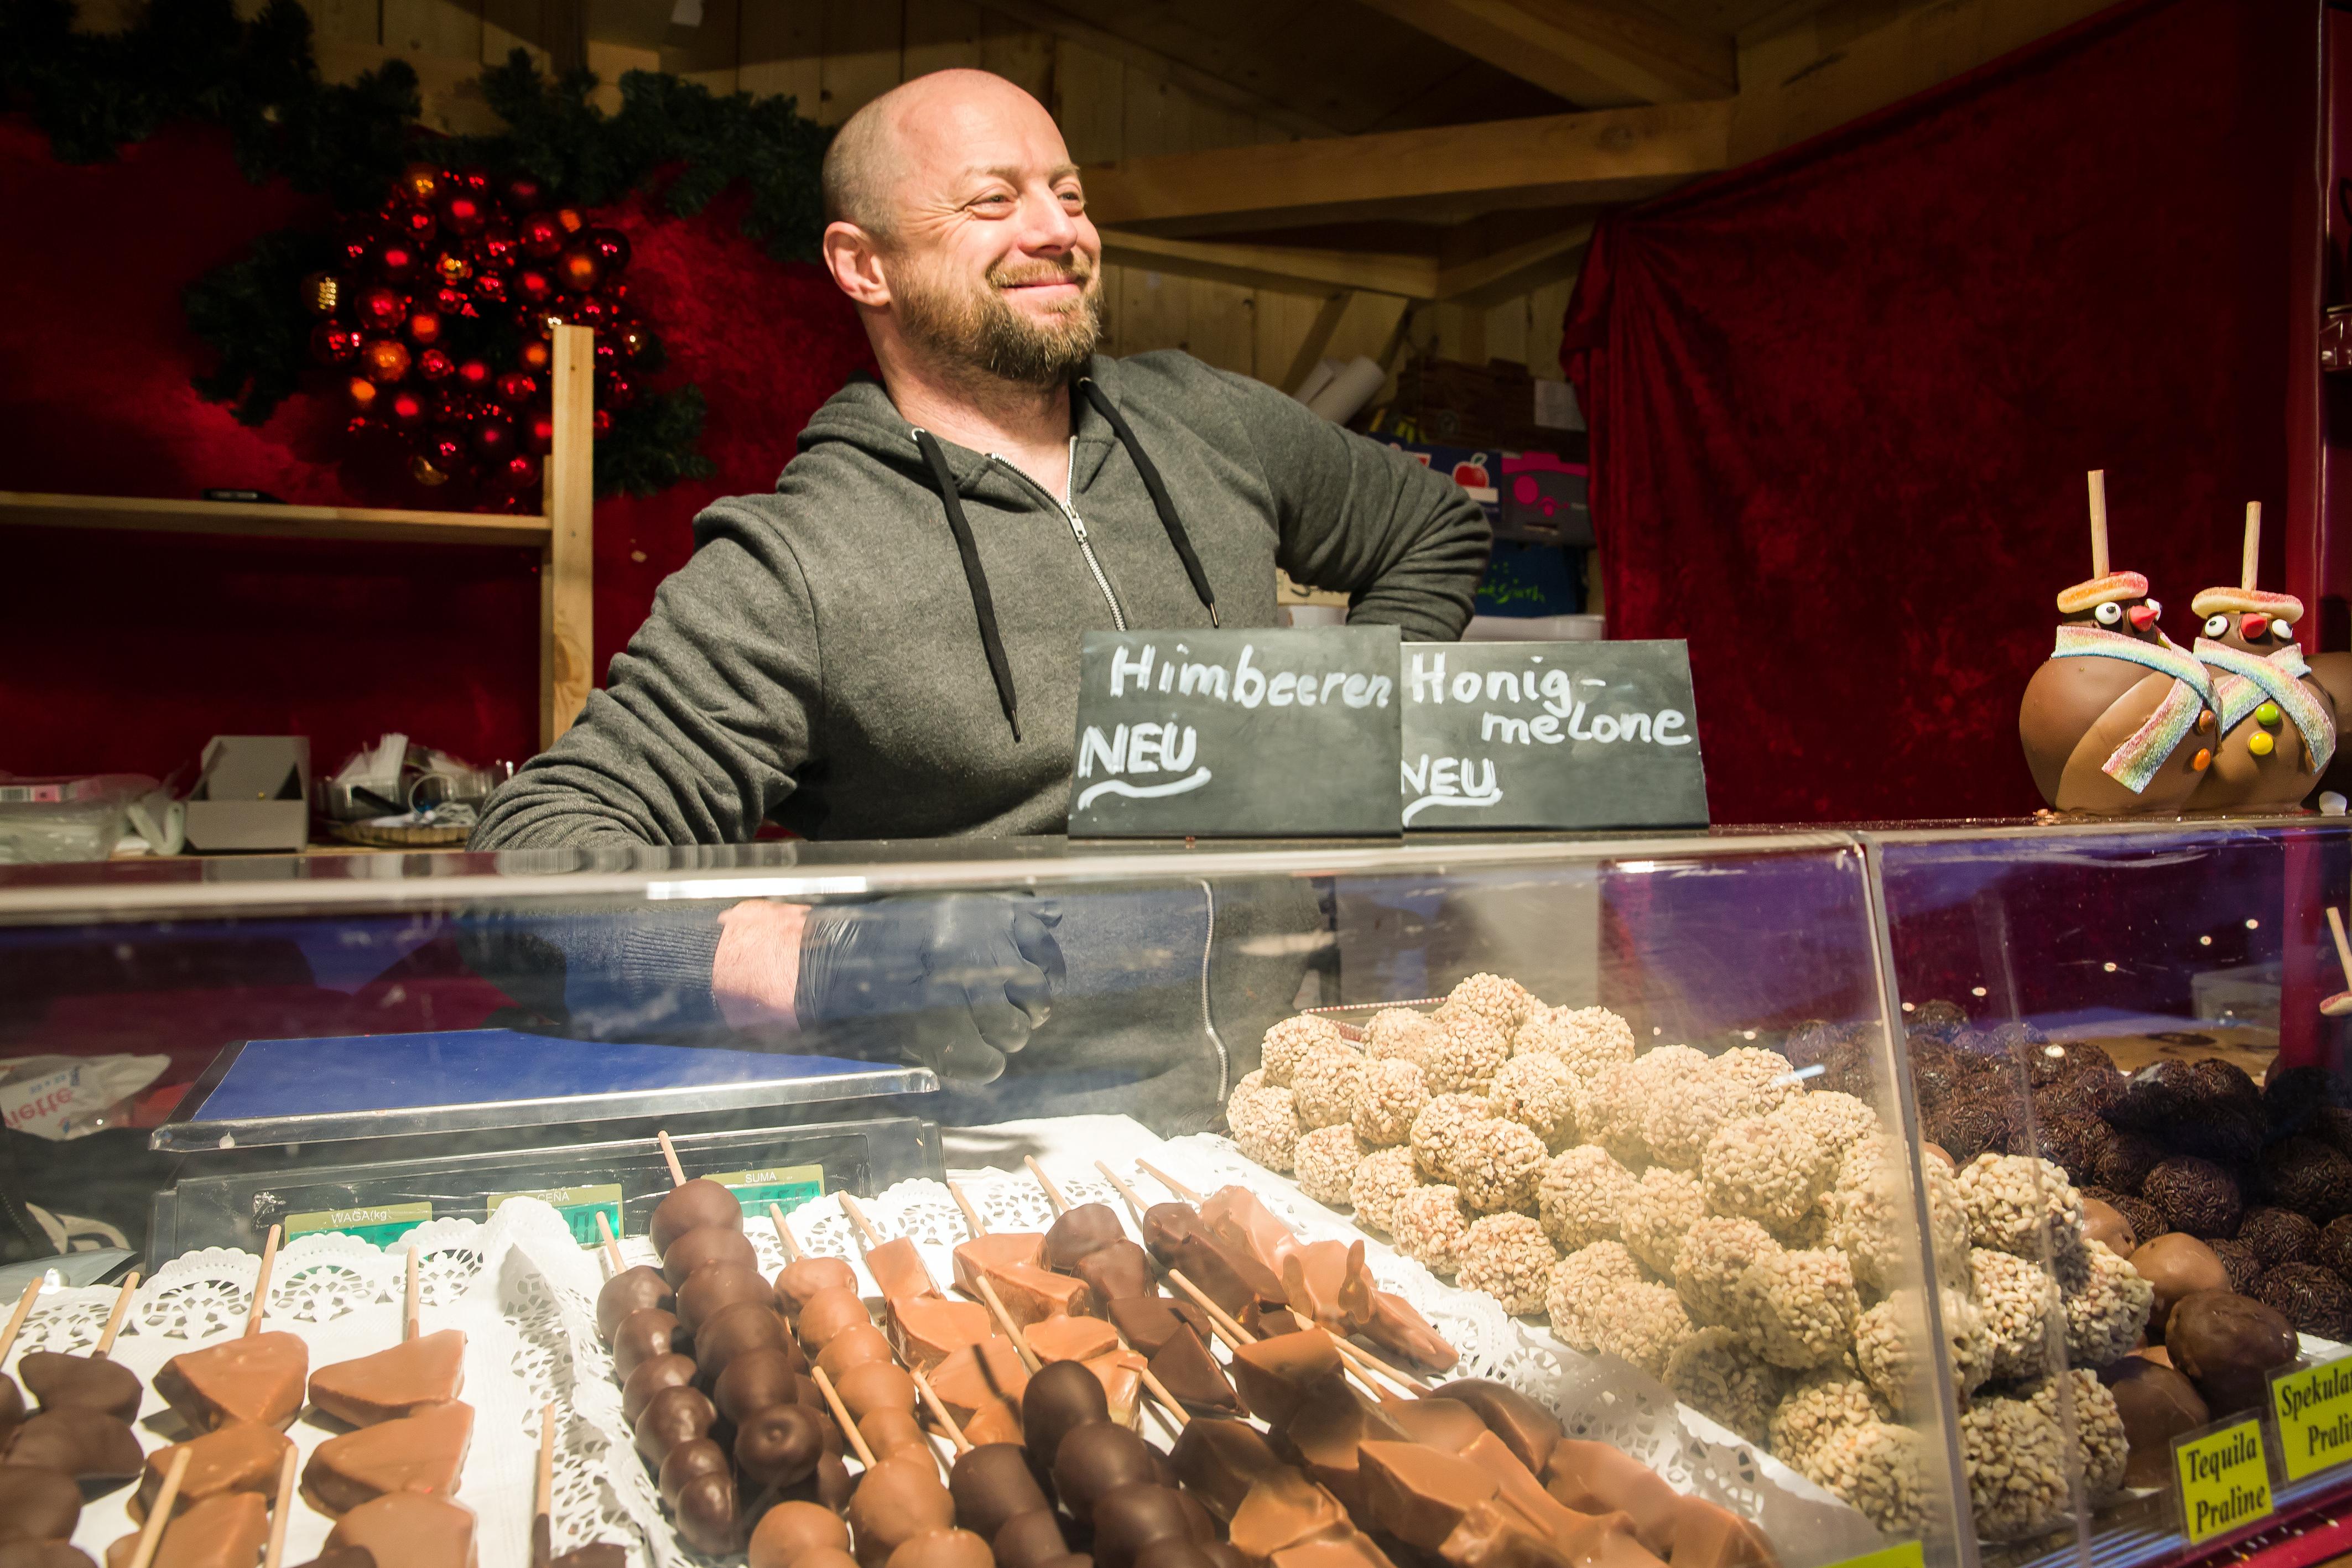 Aussteller mit Schokolade-Spezialitäten beim Winterdorf an der Märchenhütte